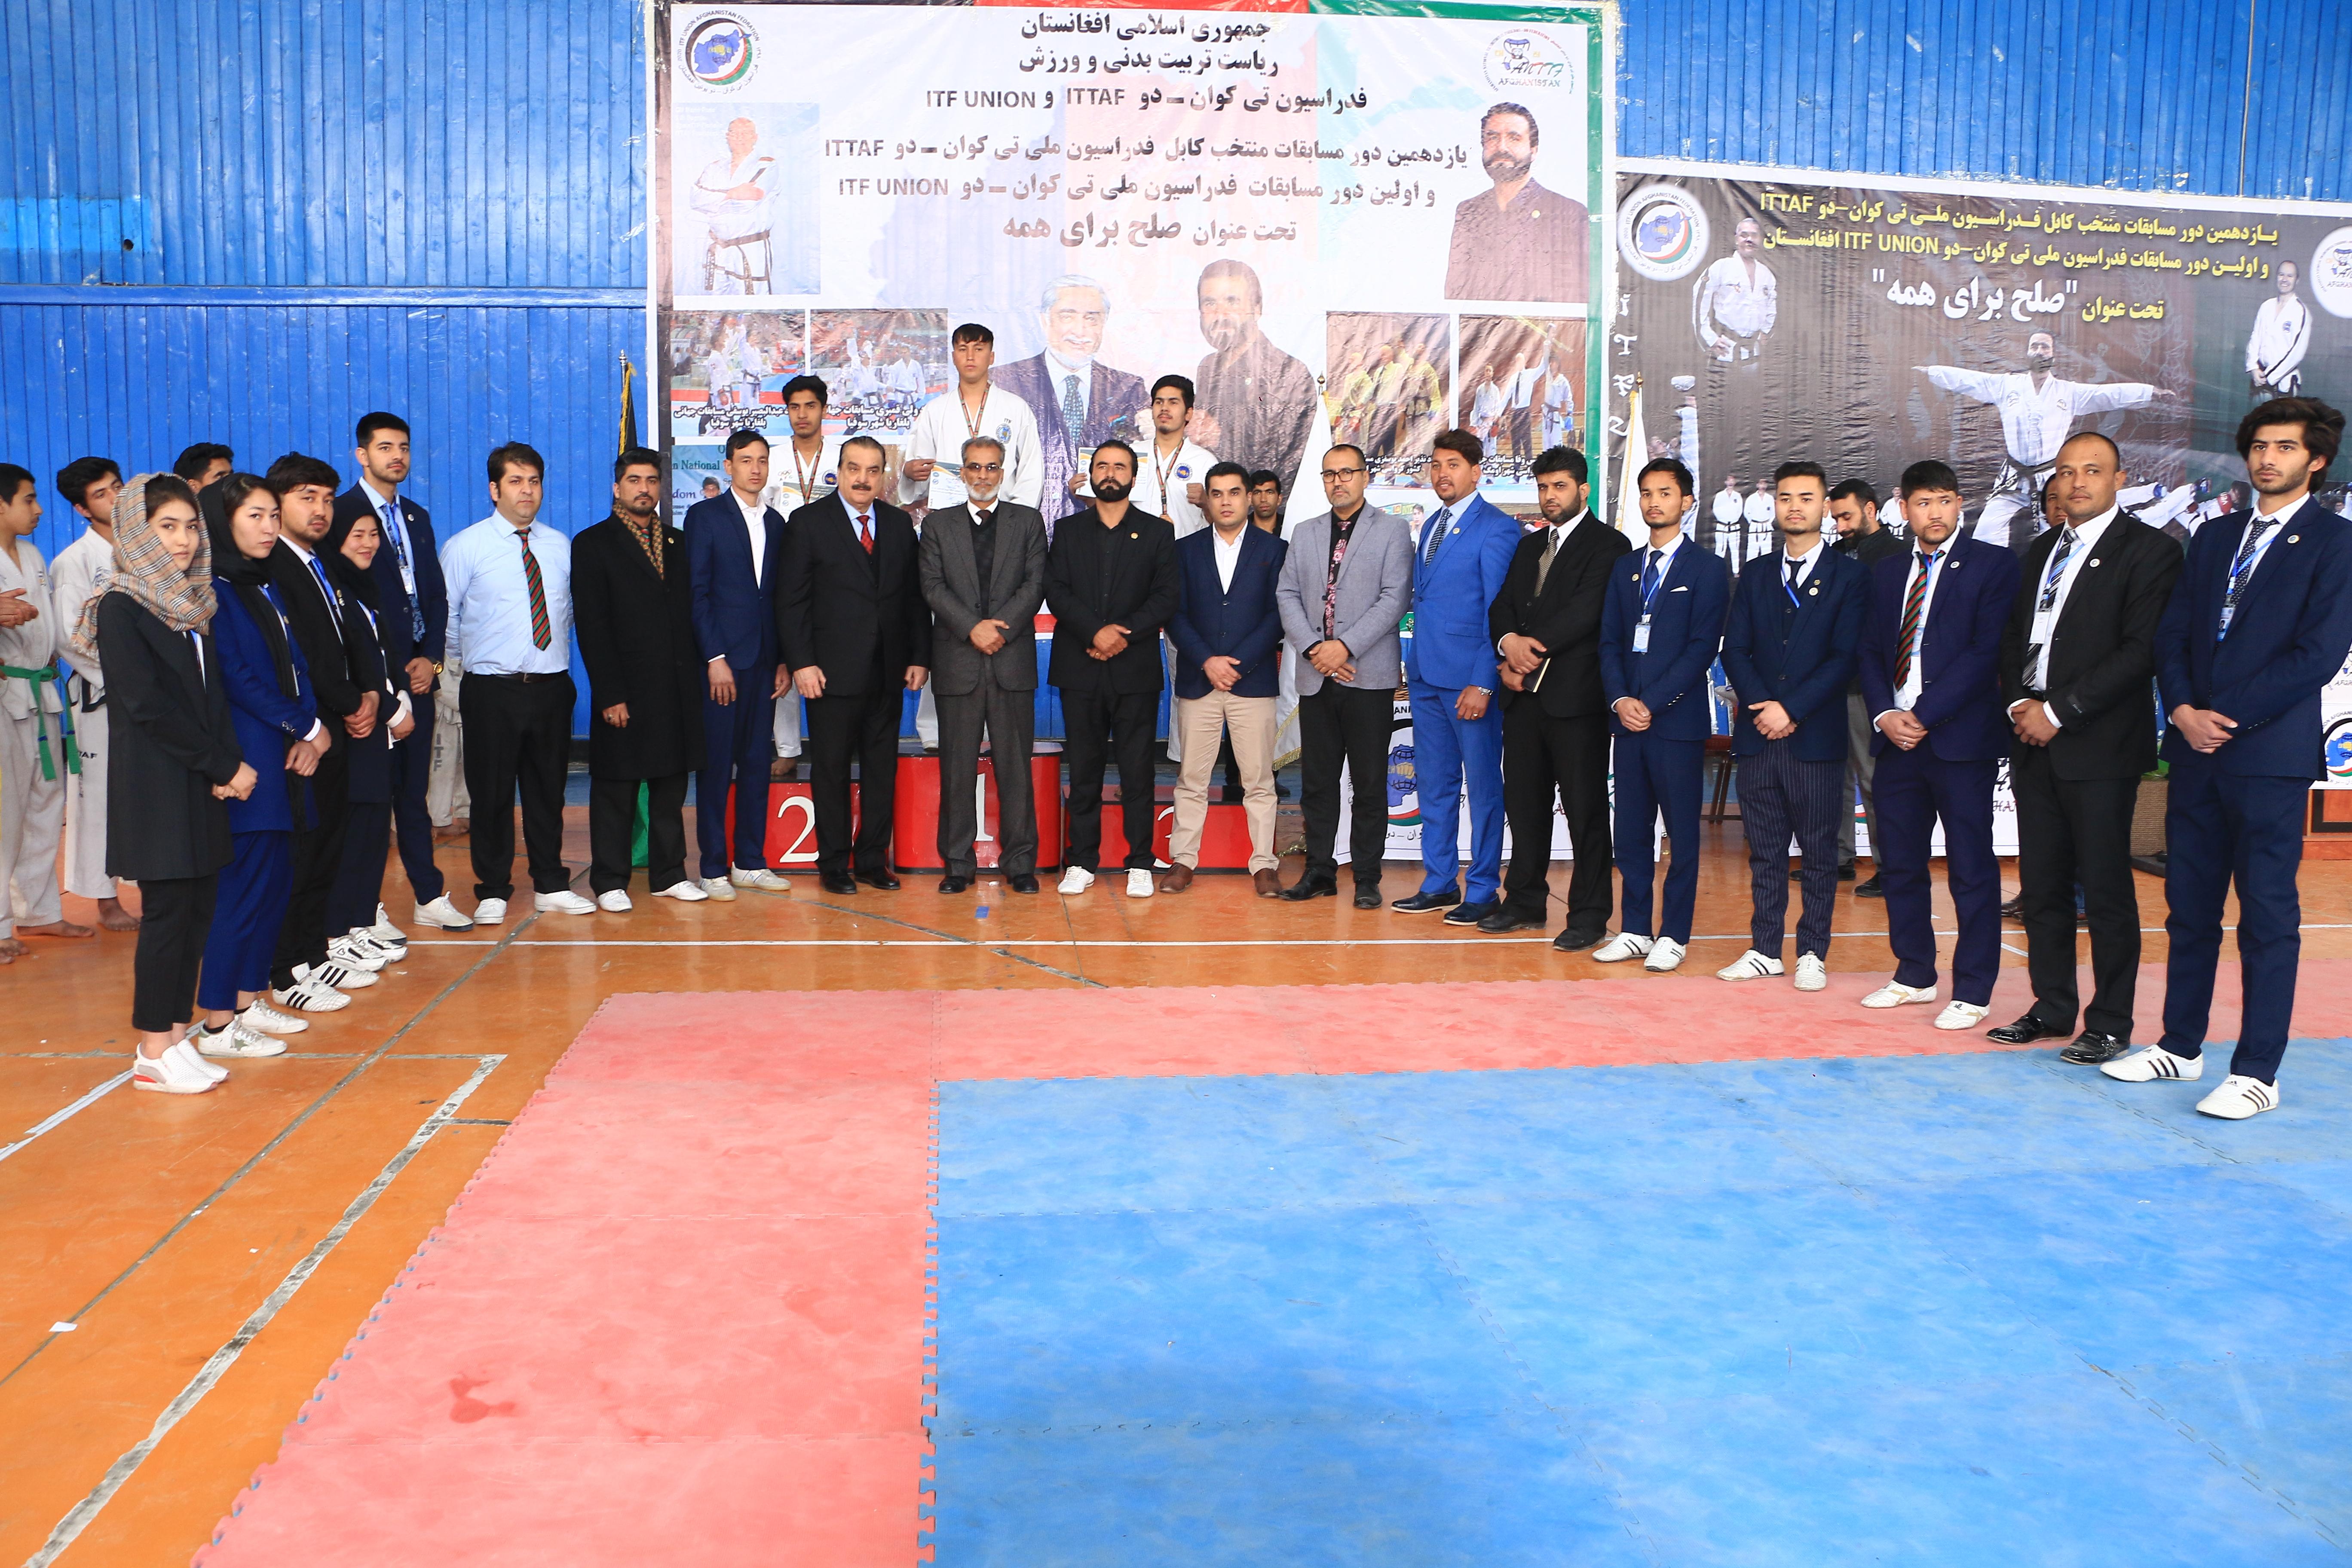 رقابت های صلح خواهانه تکواندوکاران با شناسایی و گزینش بهترین ها به تیم منتخب کابل به پایان رسید.